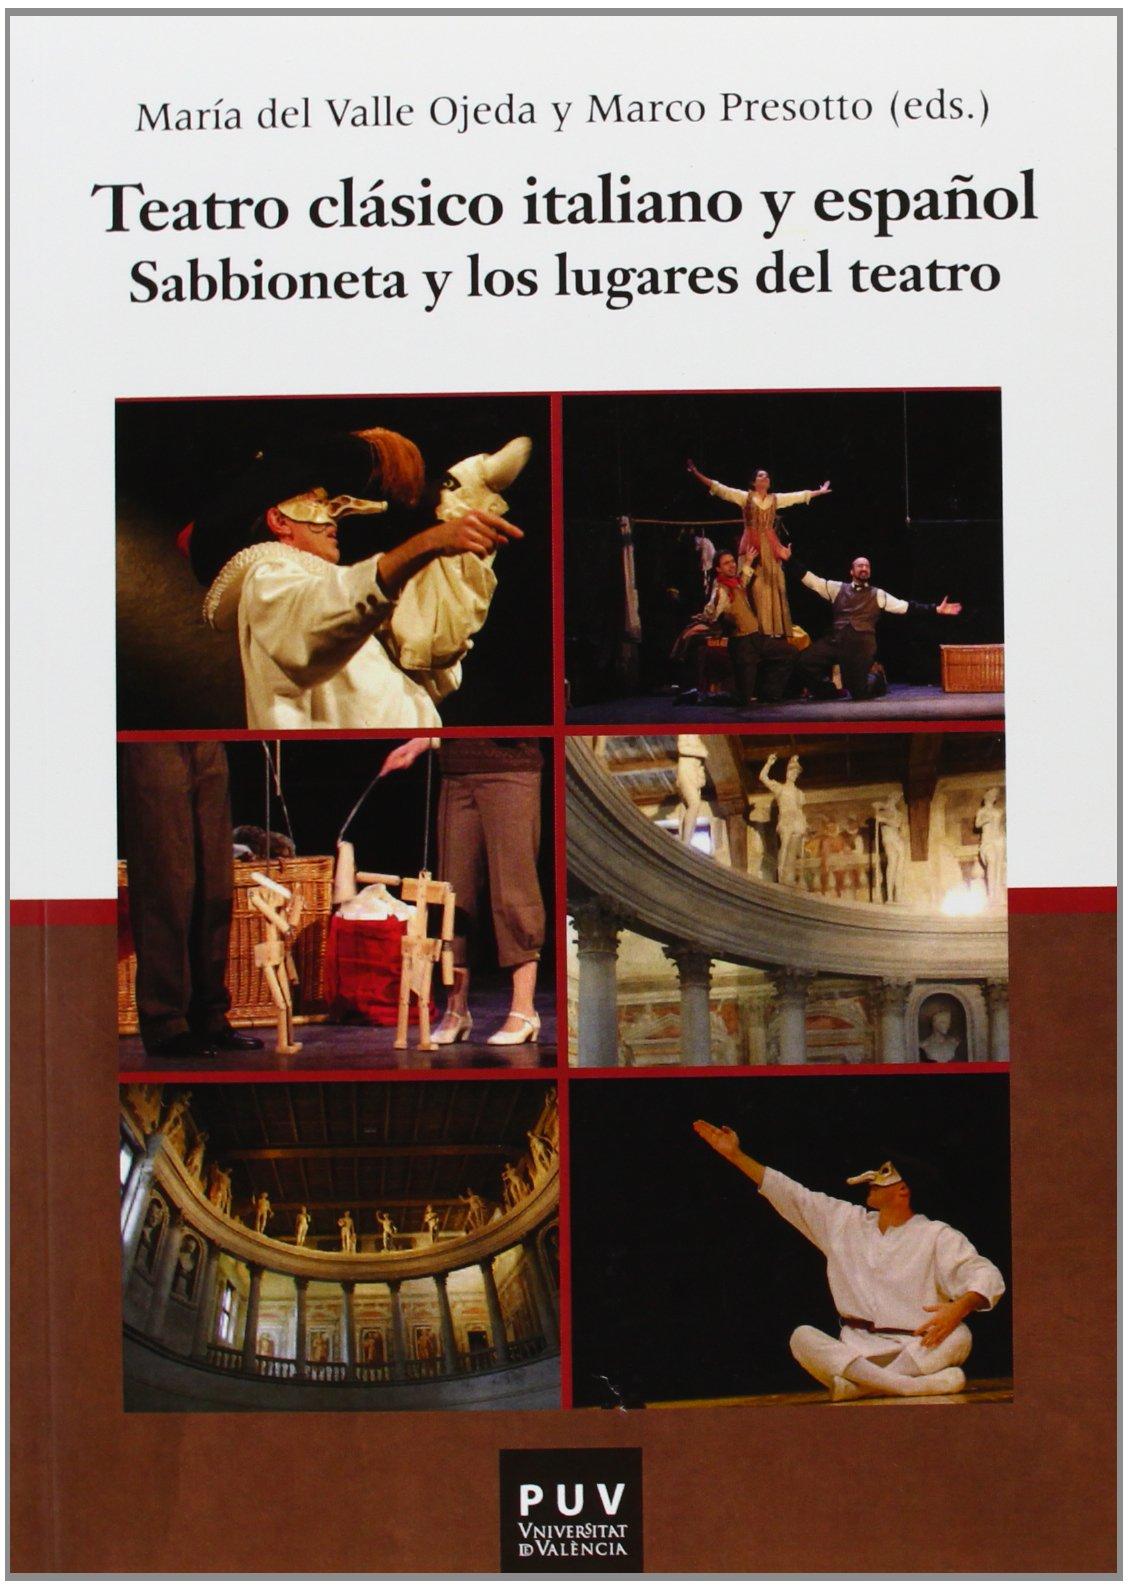 Teatro clásico italiano y español : Sabbioneta y los lugares del teatro